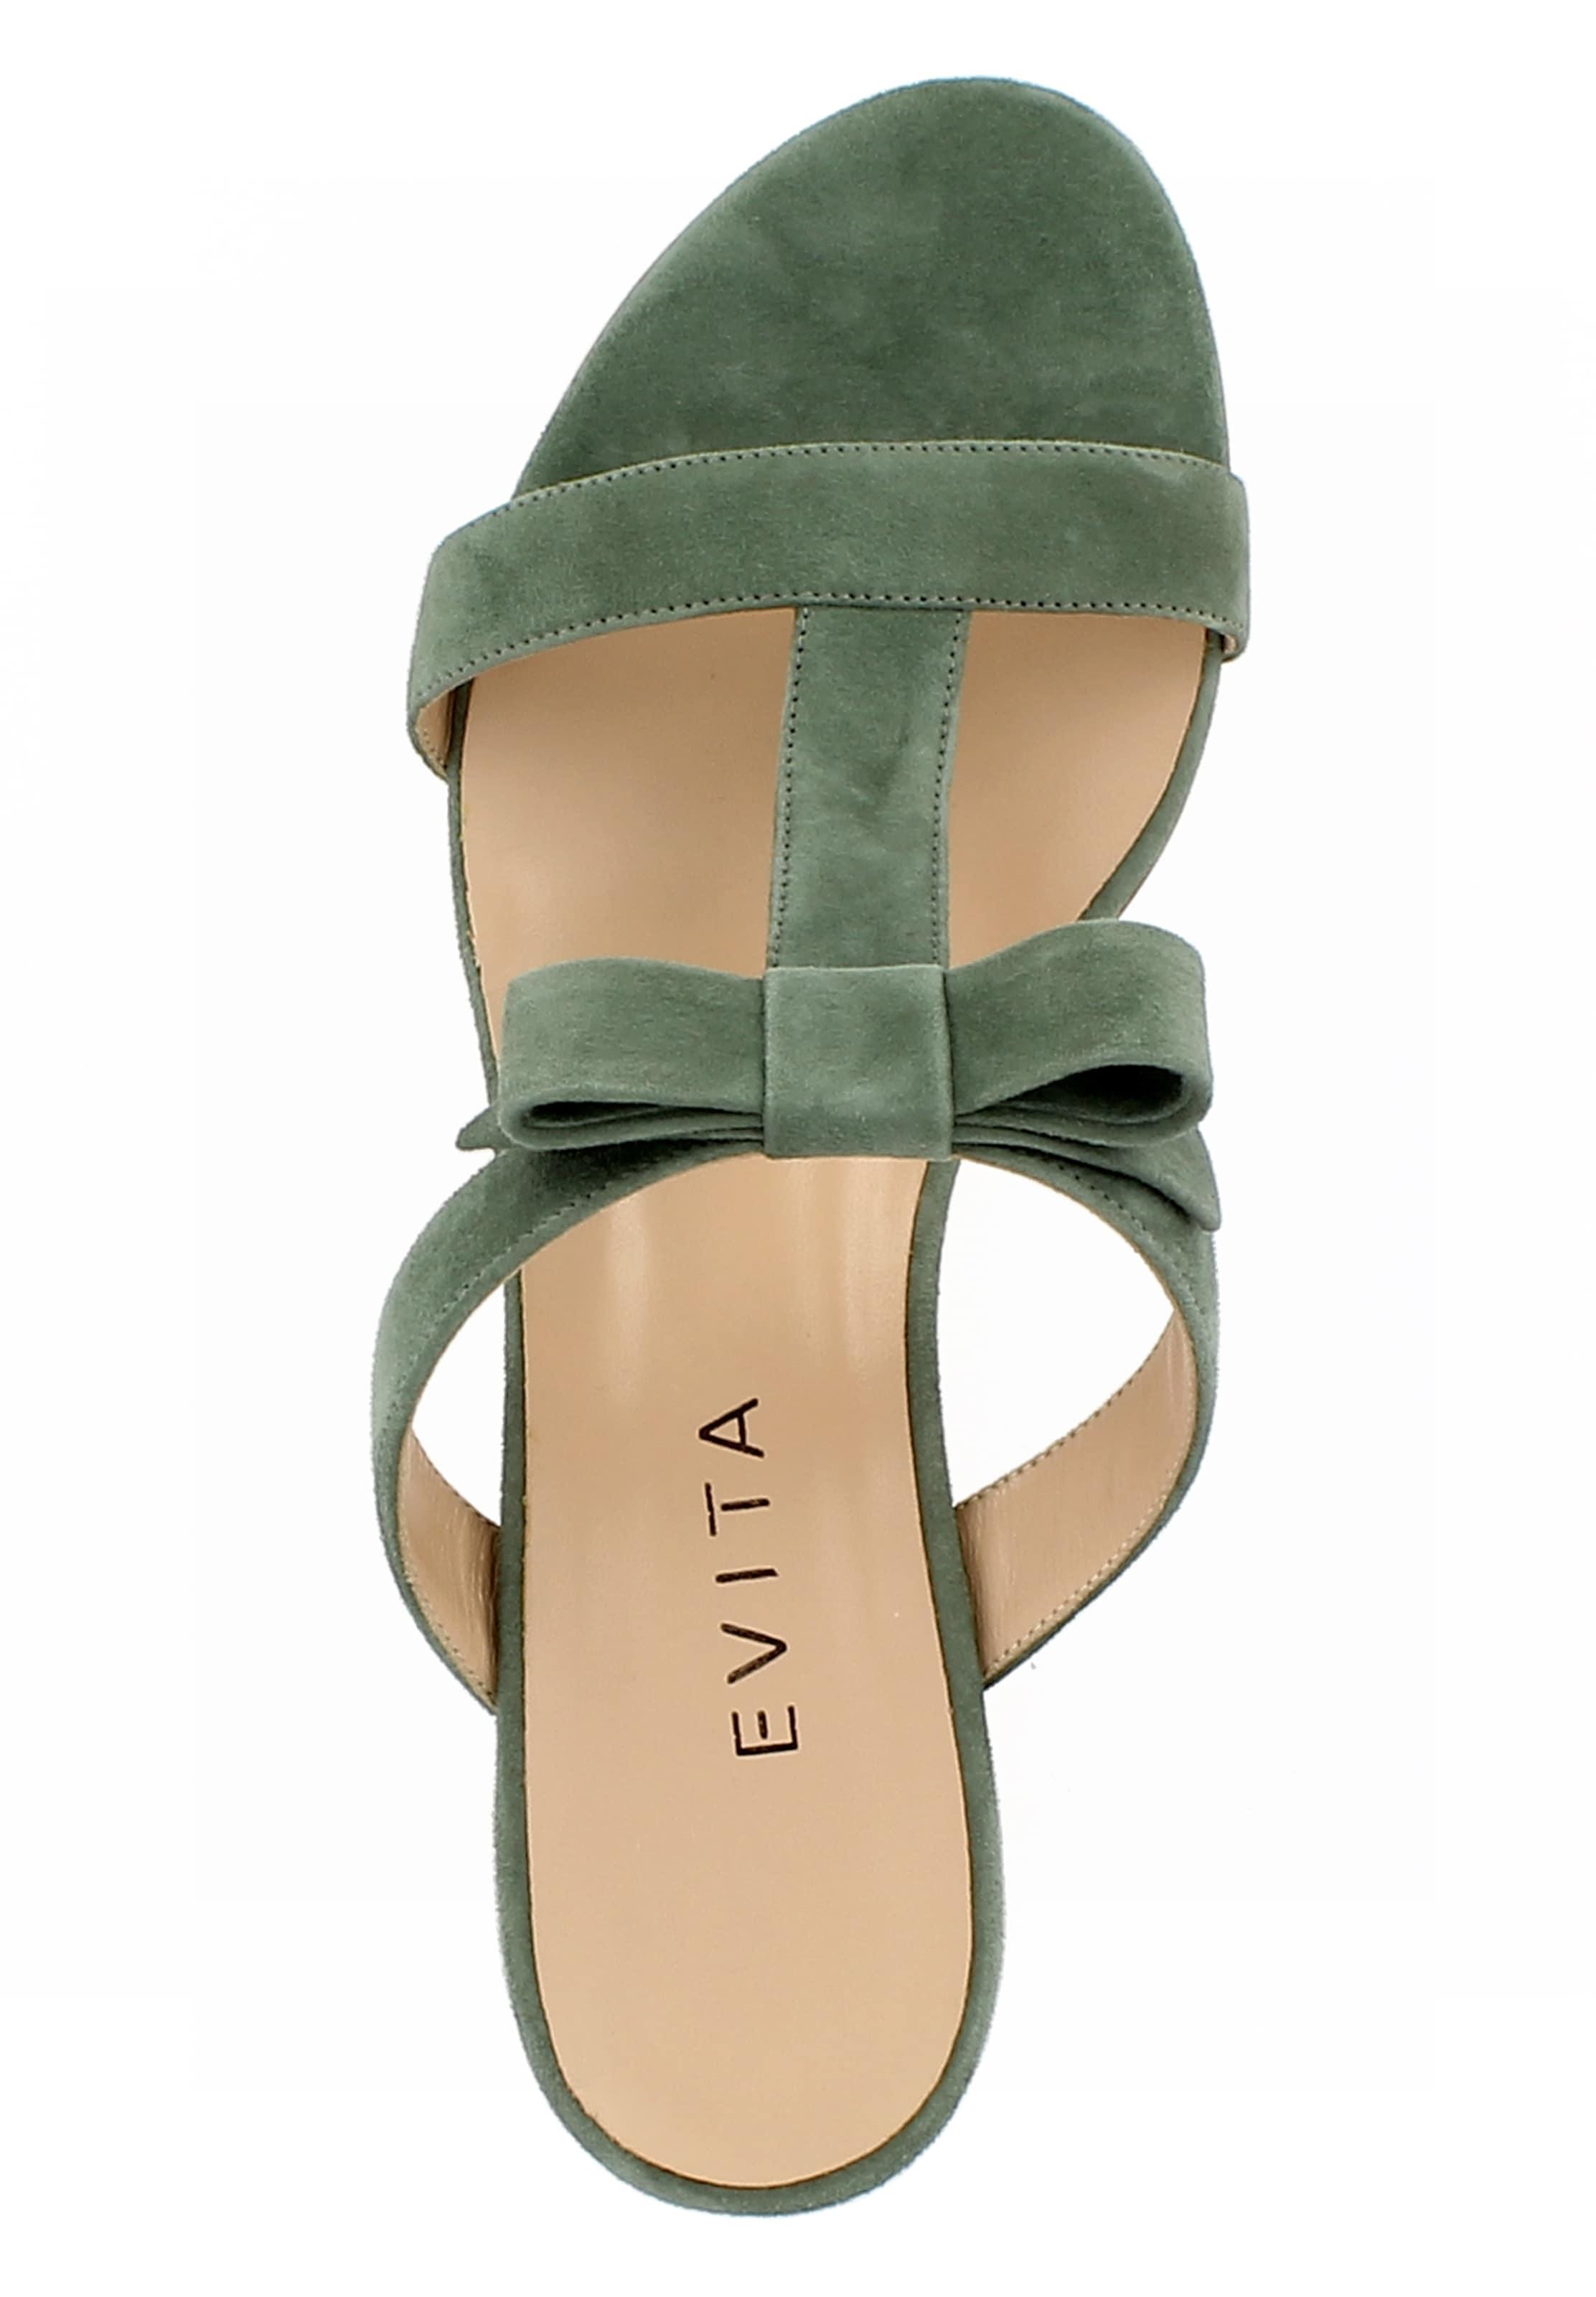 Mule Evita 'daria' Olive Mule En 'daria' Olive Evita Mule 'daria' En Evita lOPuTwkXZi